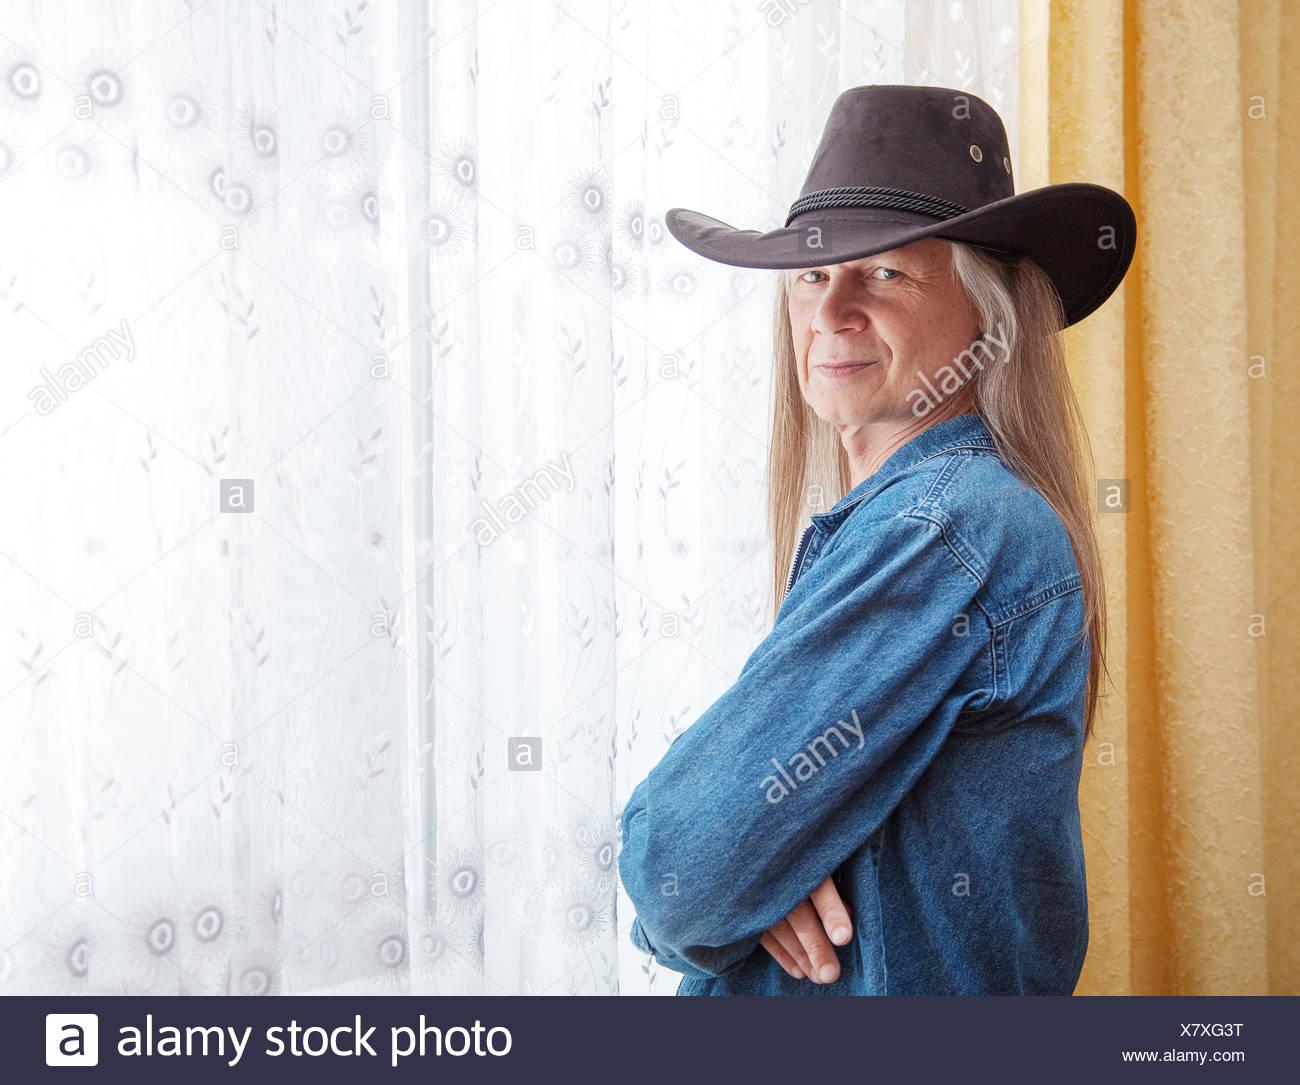 Porträt von einem reifen Mann mit langen Haaren und einem Cowboy-Hut Stockbild